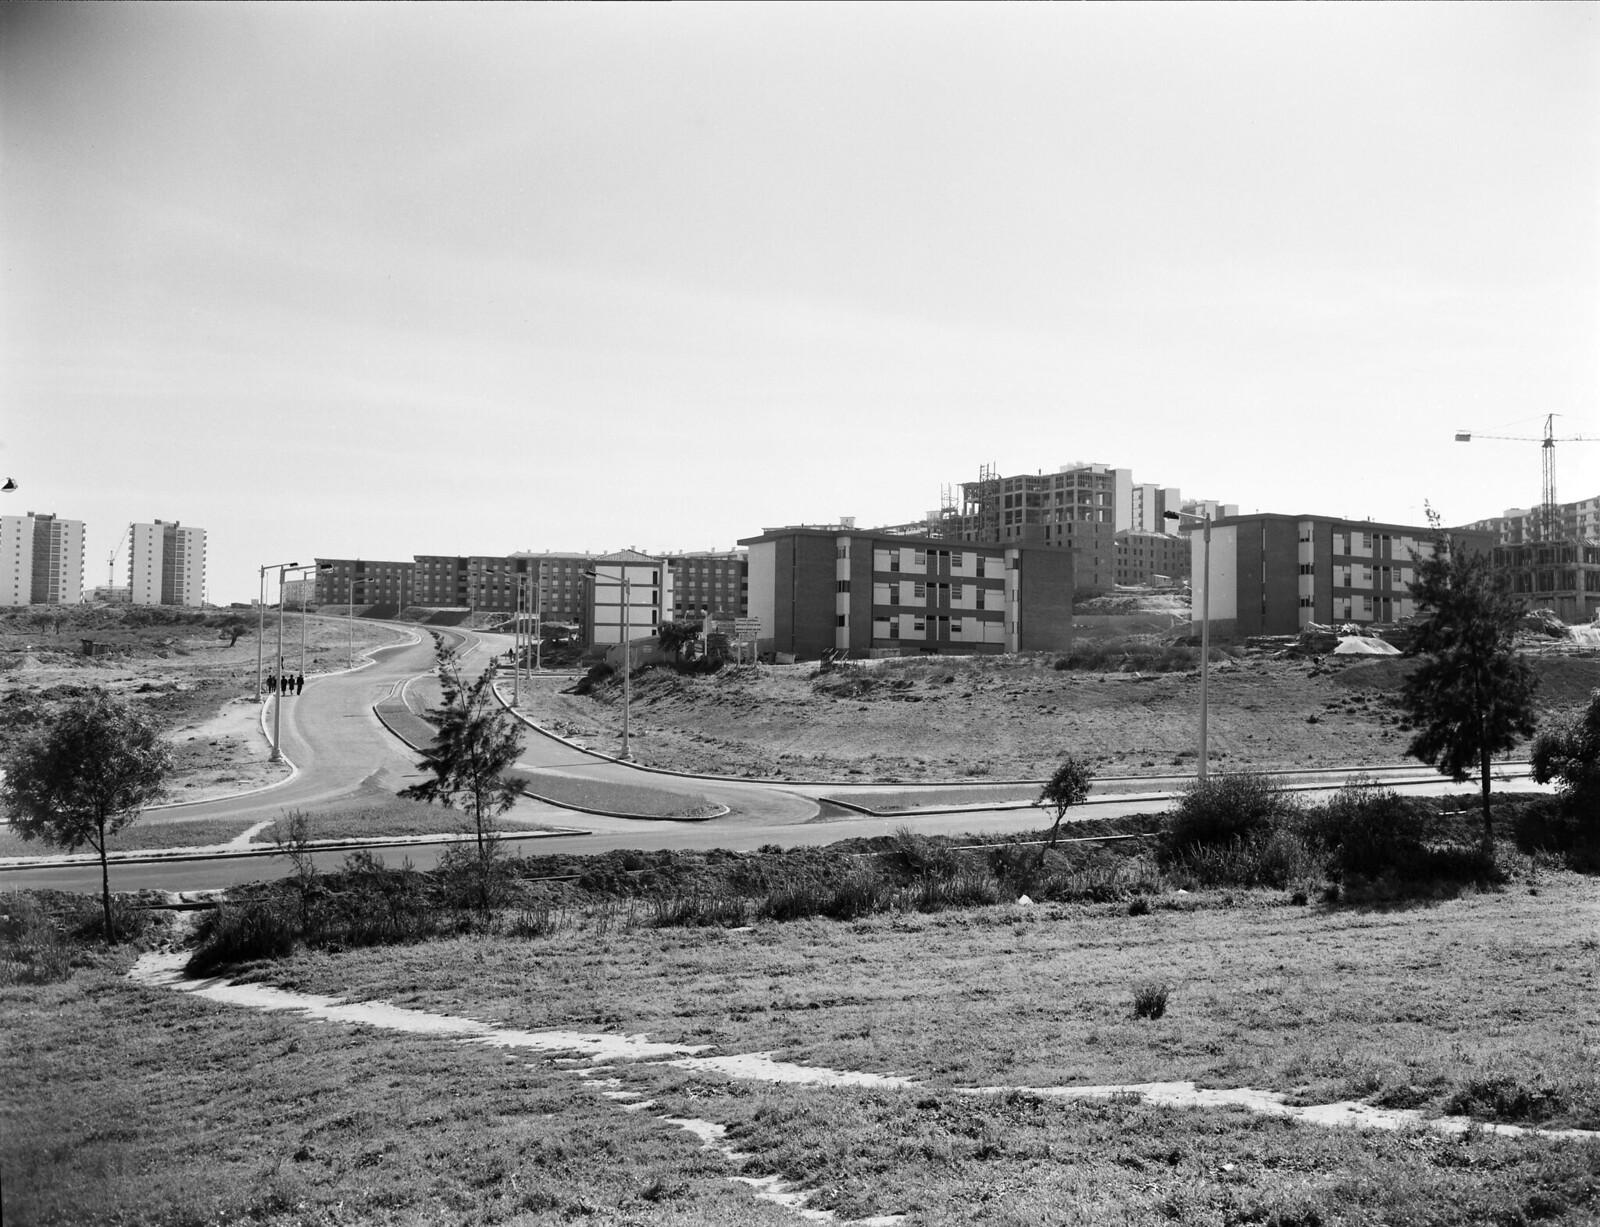 Futura Rua Cidade de Lourenço Marques no entroncamento com a Av. de Berlim, Olivais (M. Novais, c. 1965)